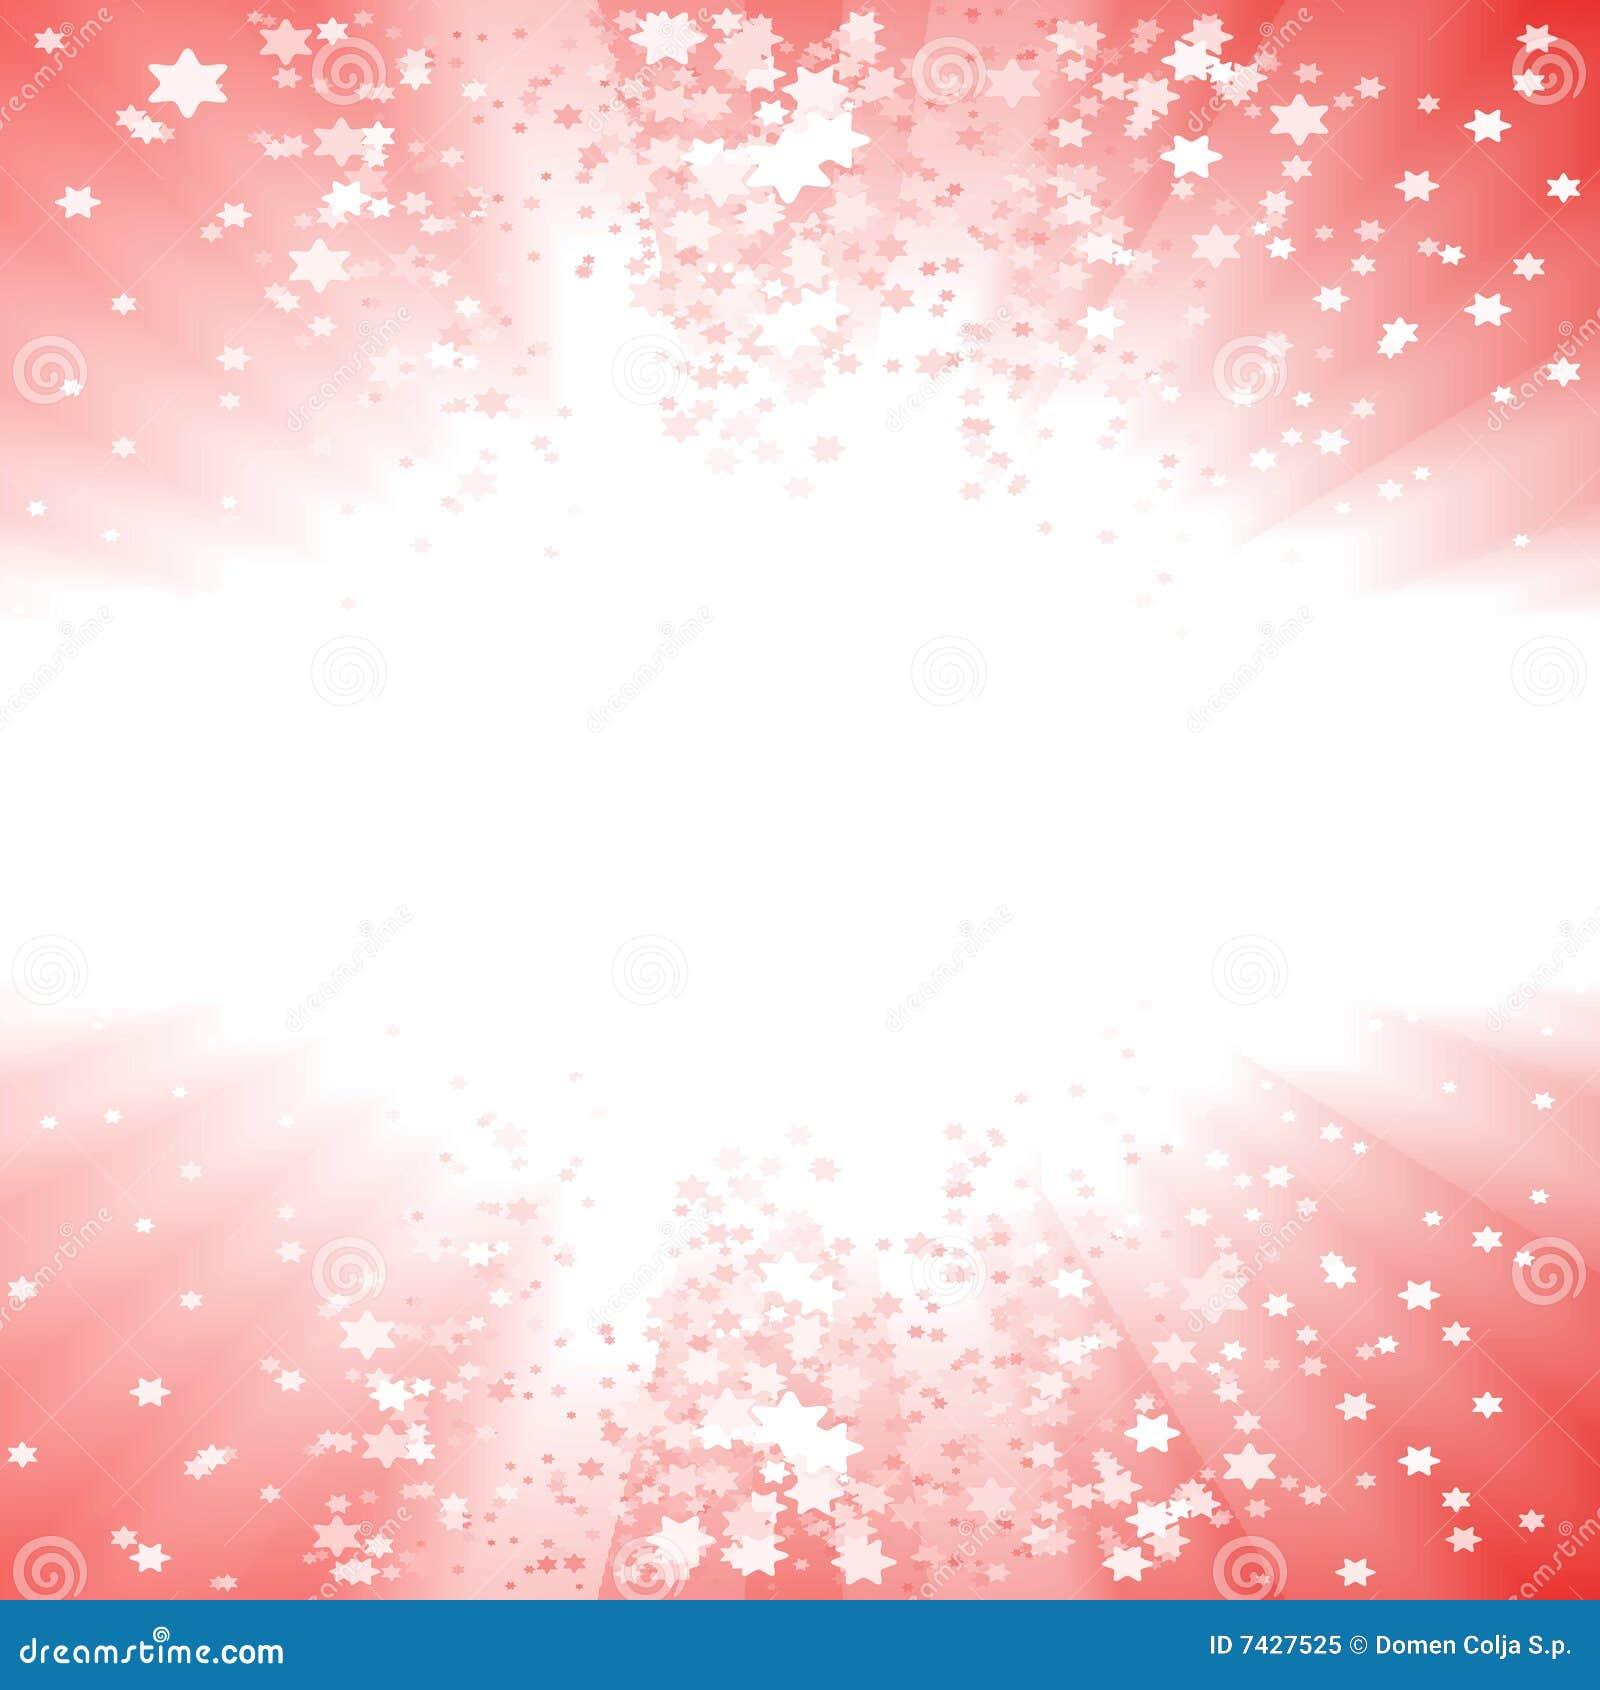 Magical stjärna för julexplosion